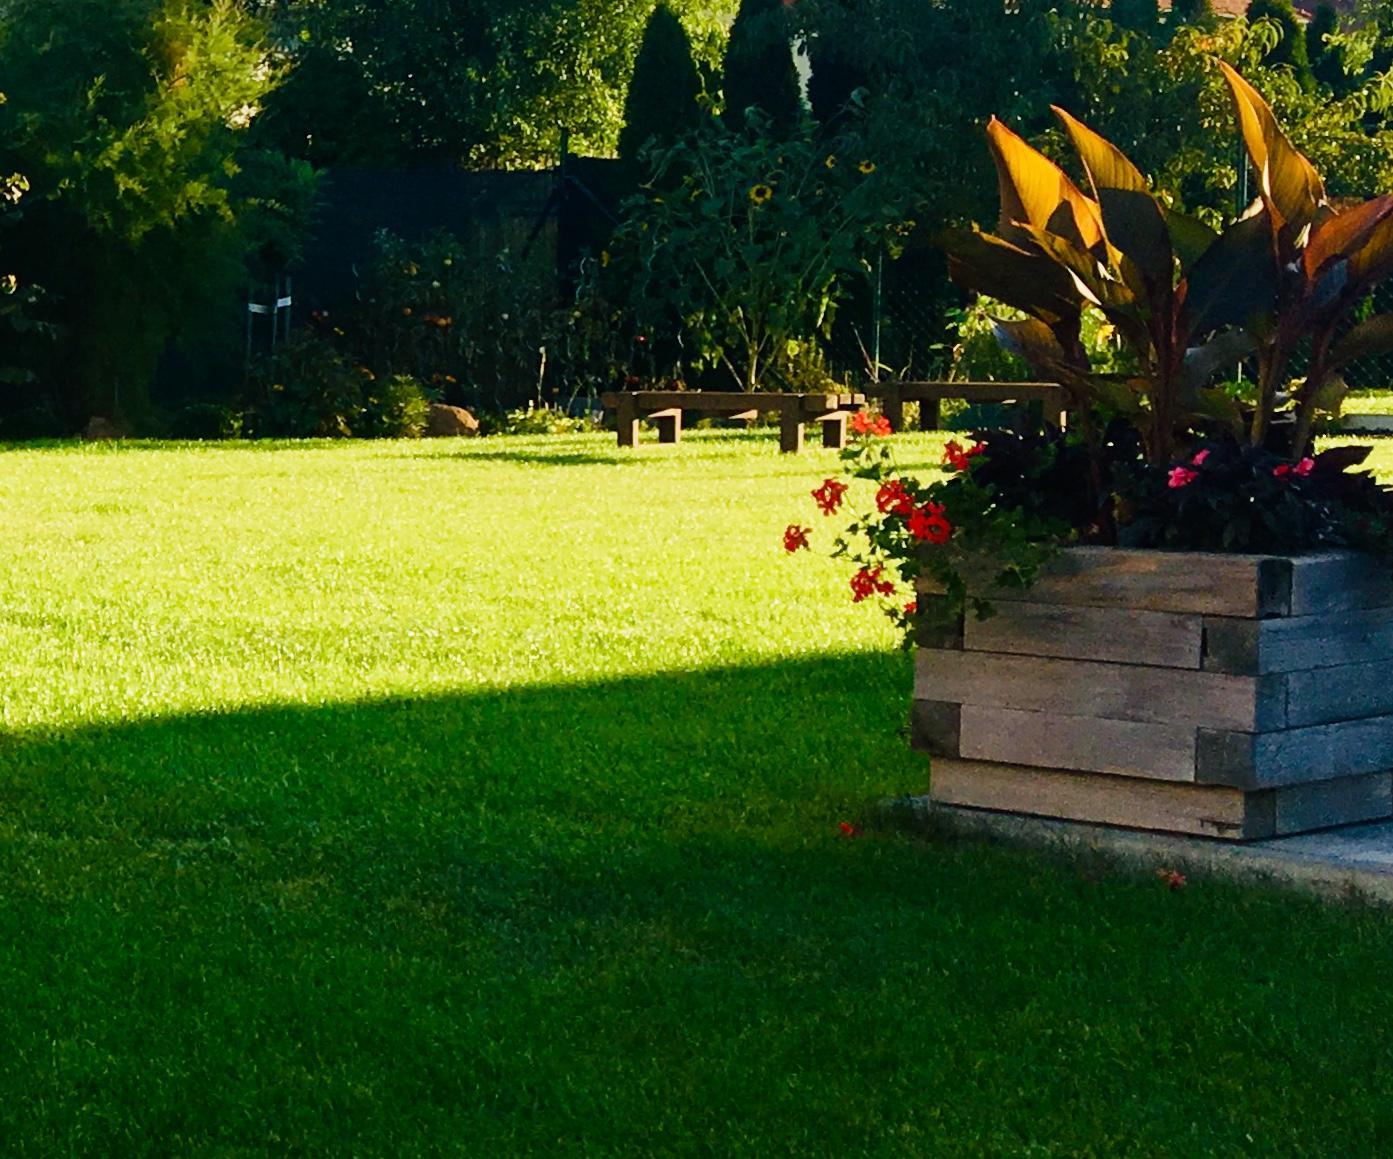 Naše zahradka s láskou ❤️ - Obrázek č. 13